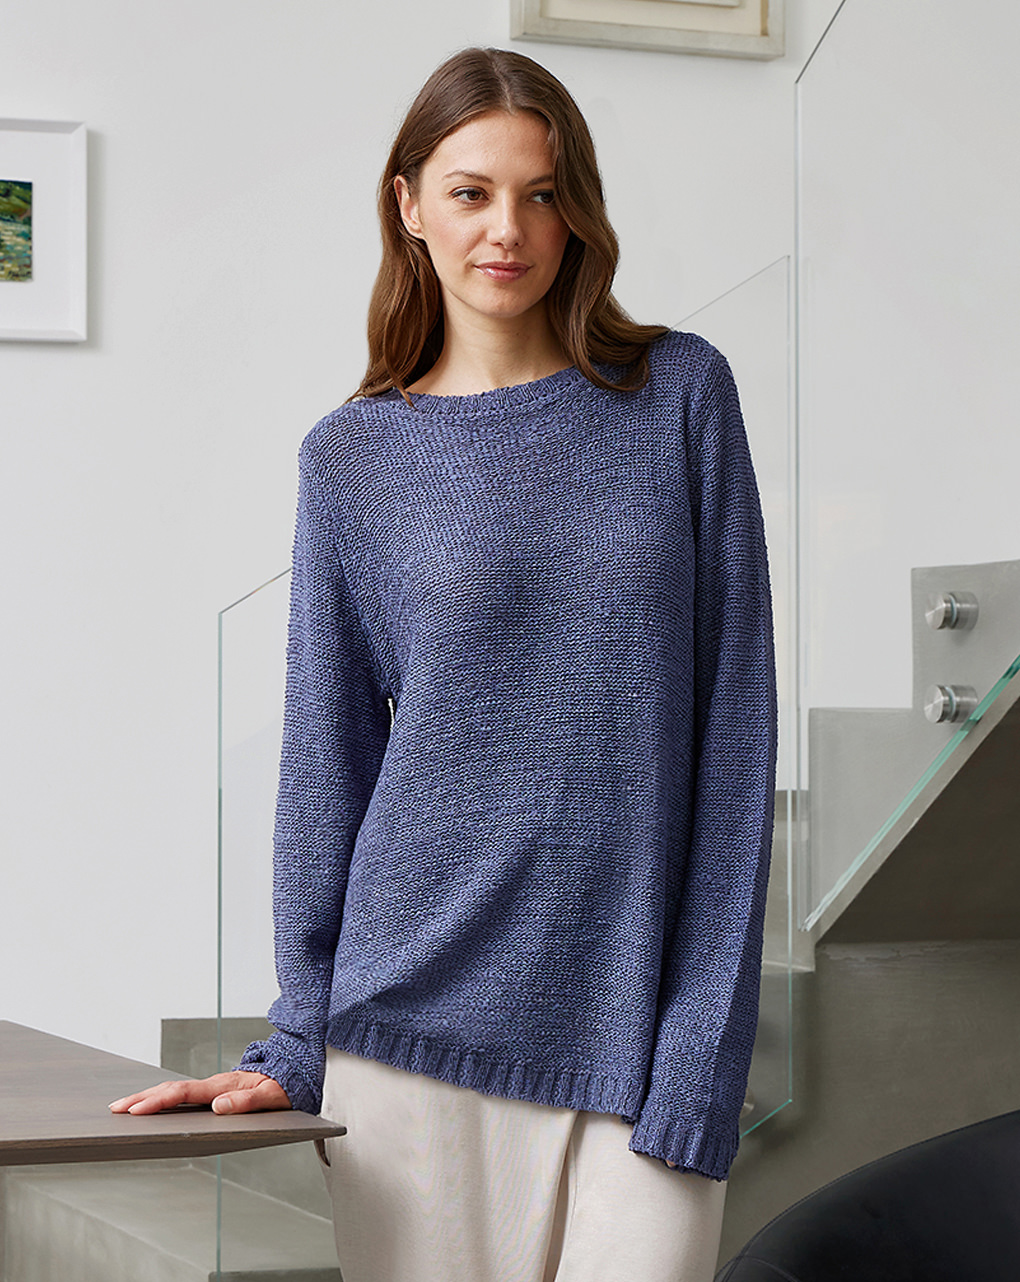 Maglione premaman tricot - Prénatal